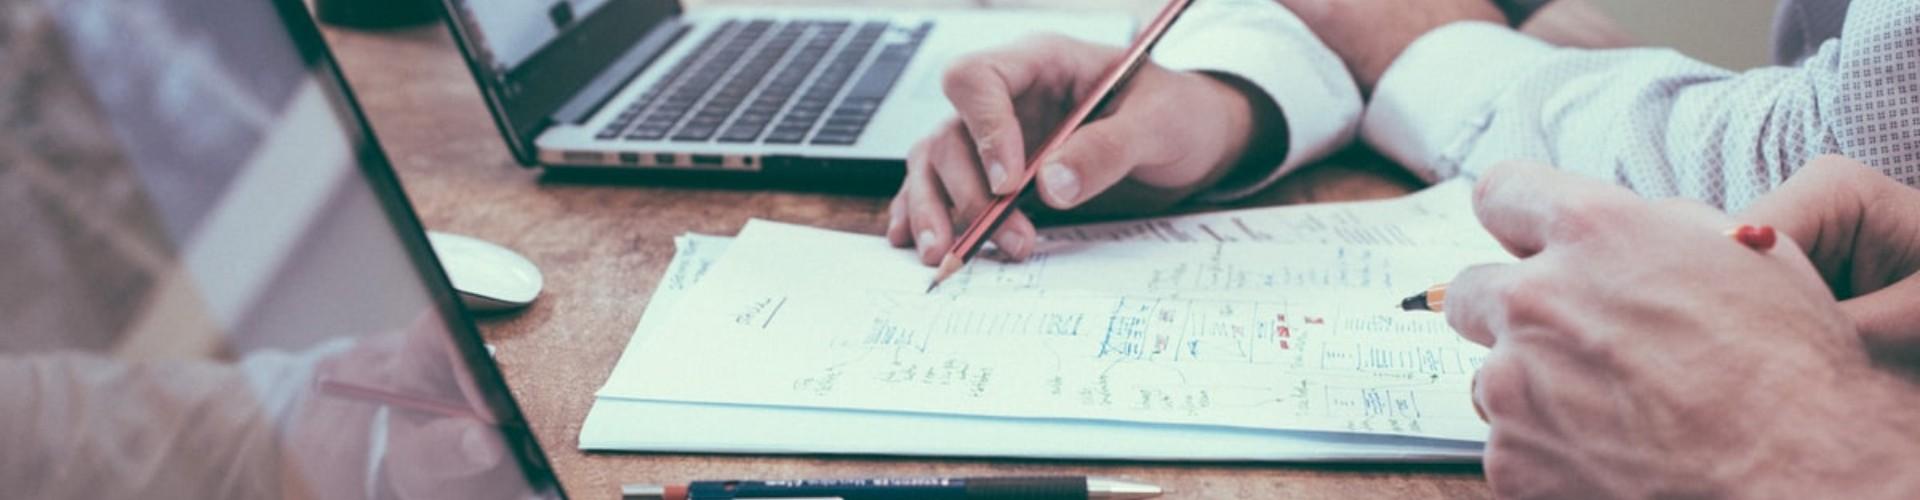 Partes de un curriculum vitae: guía sencilla, fácil y práctica